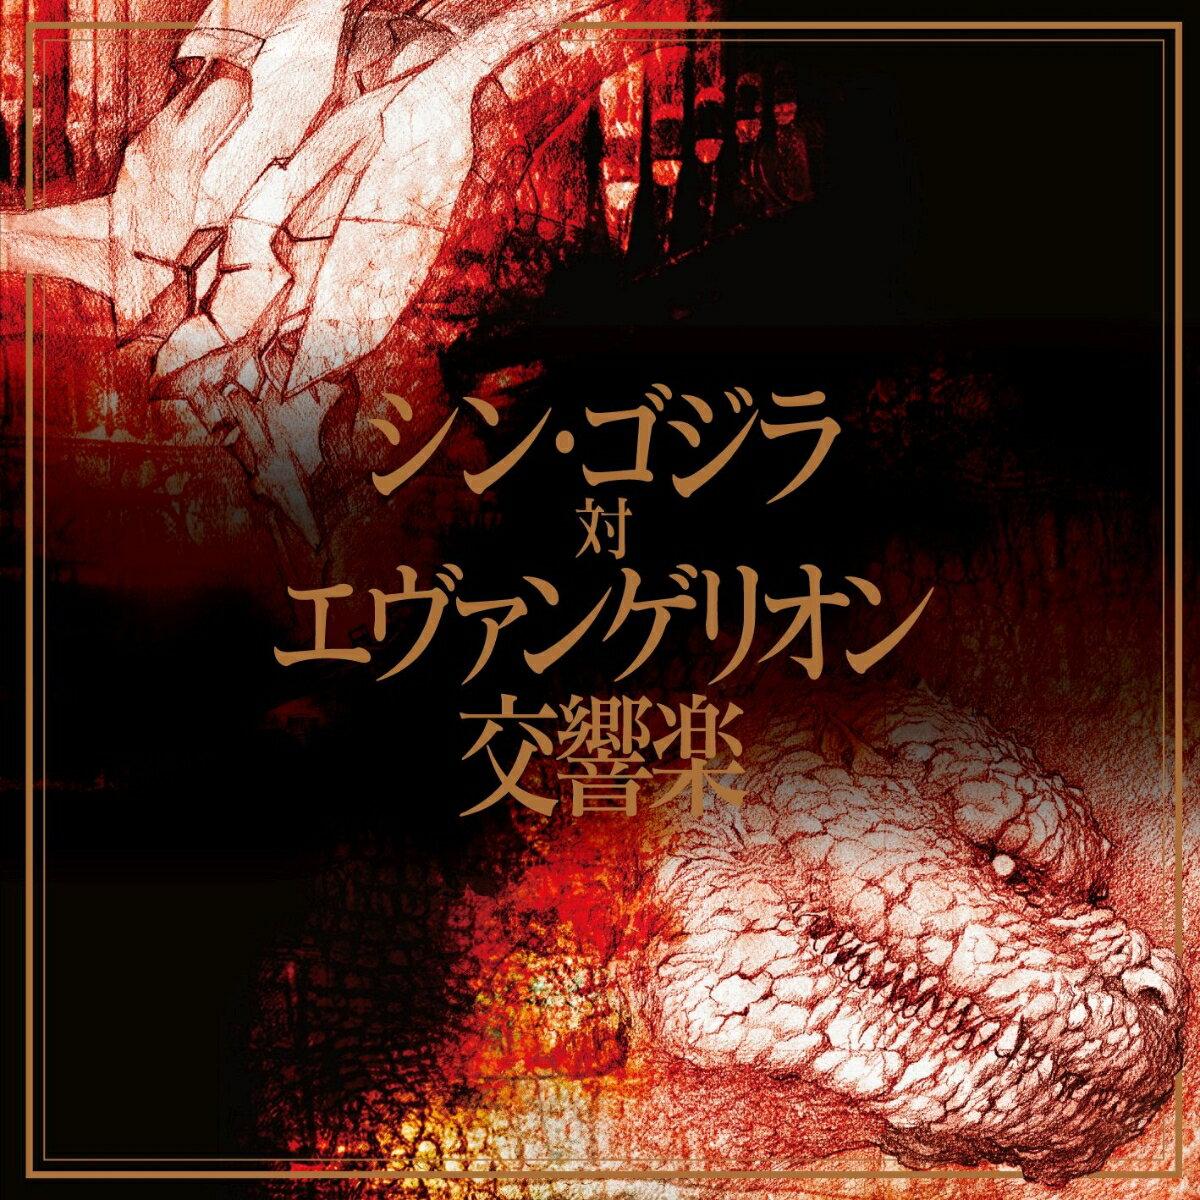 シン・ゴジラ対エヴァンゲリオン交響楽 [ 天野正道 ]